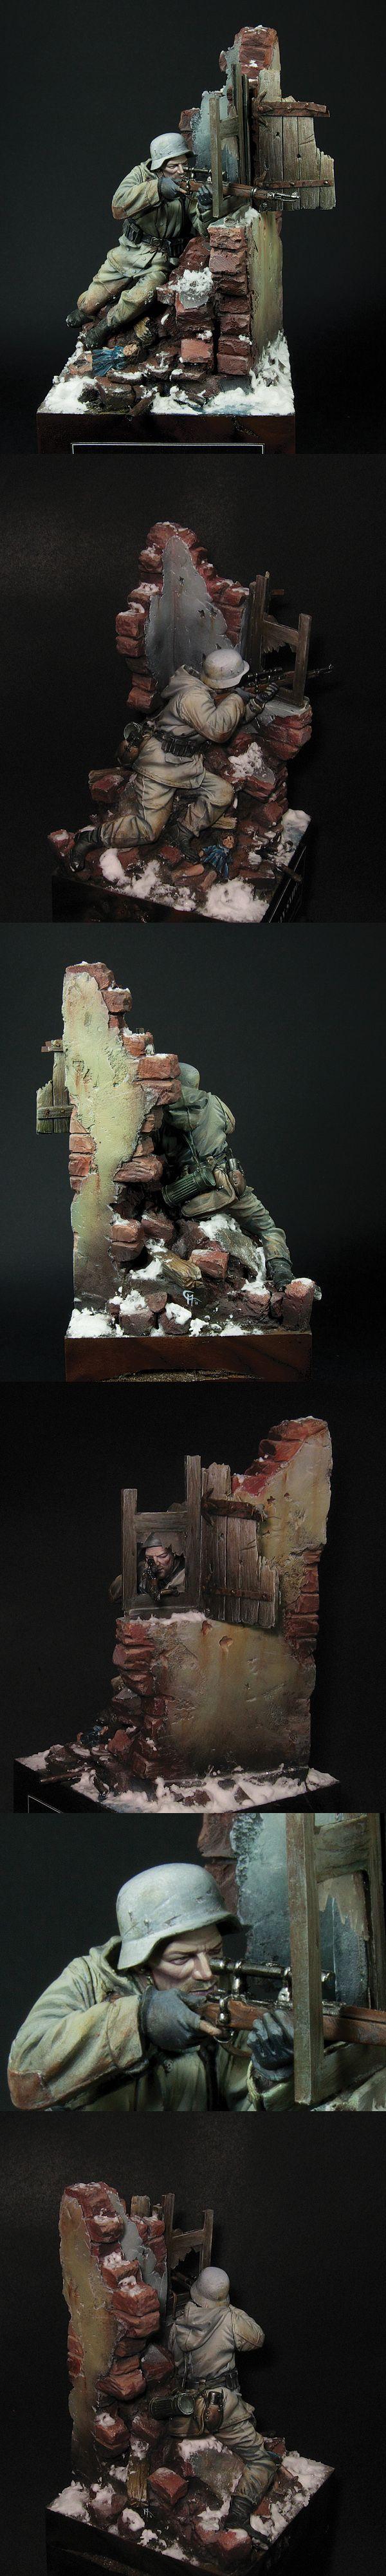 German Sniper- Stalingrad 1943